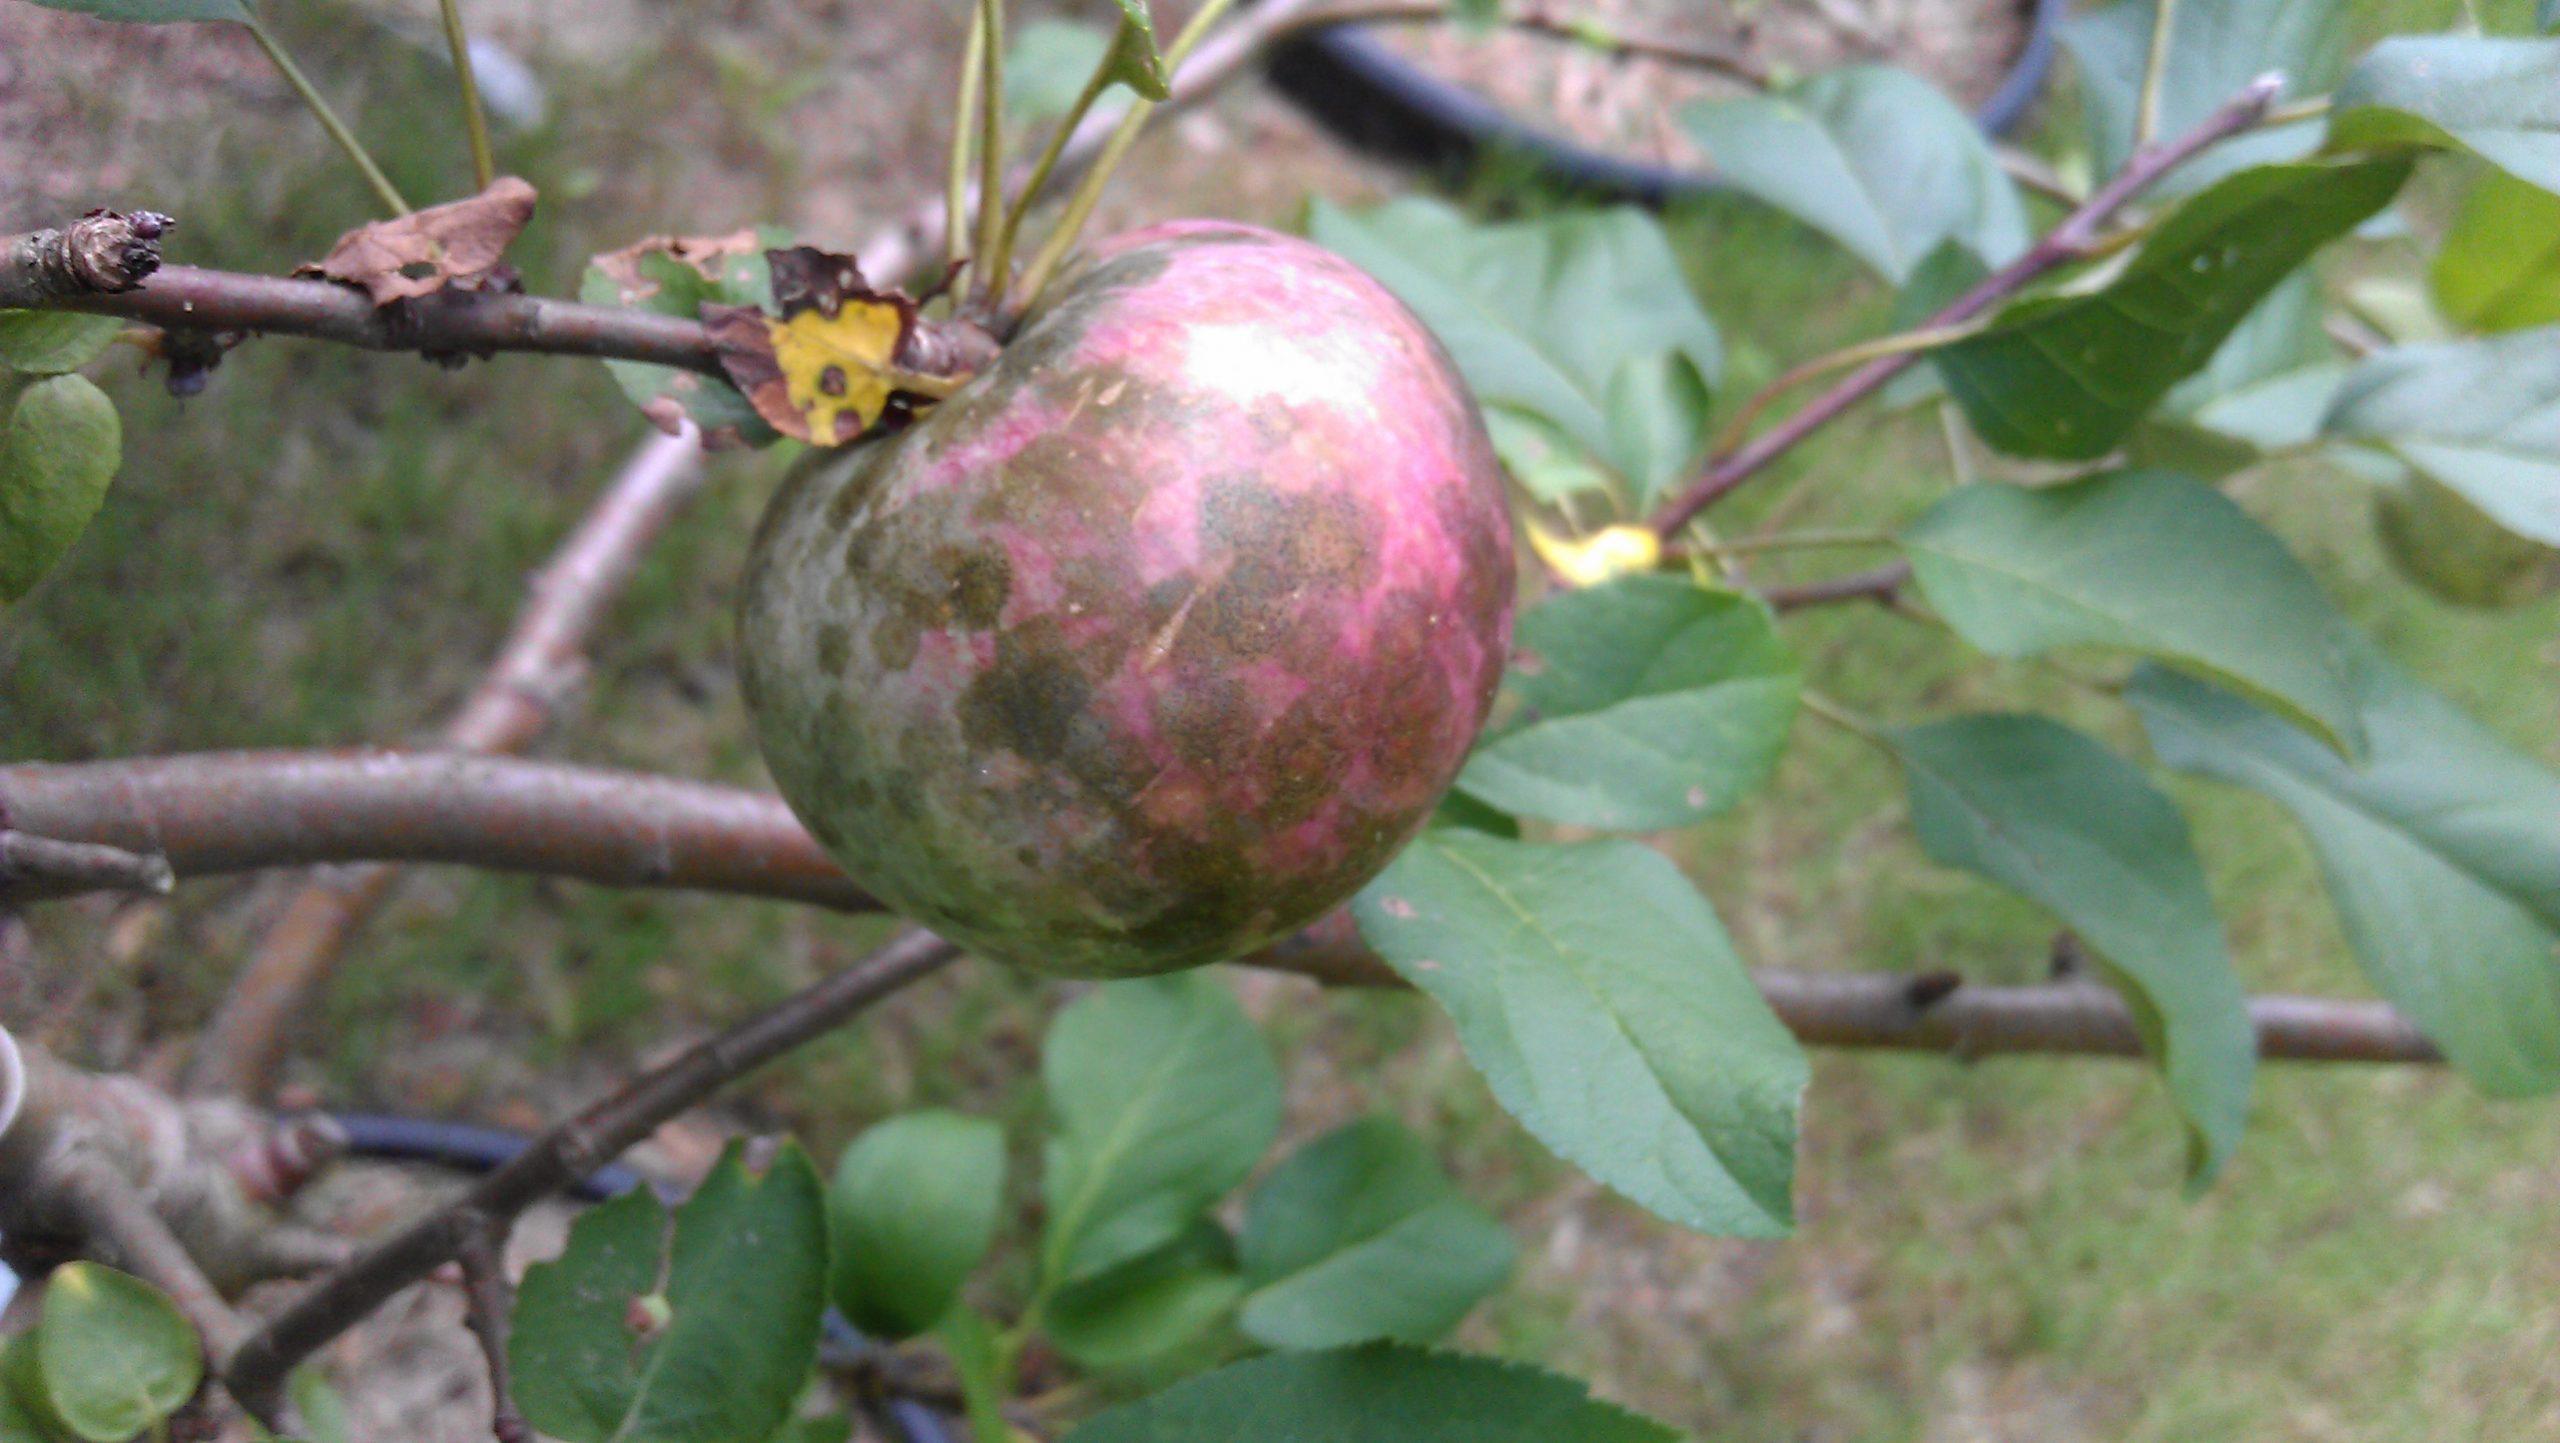 apple sooty blotch